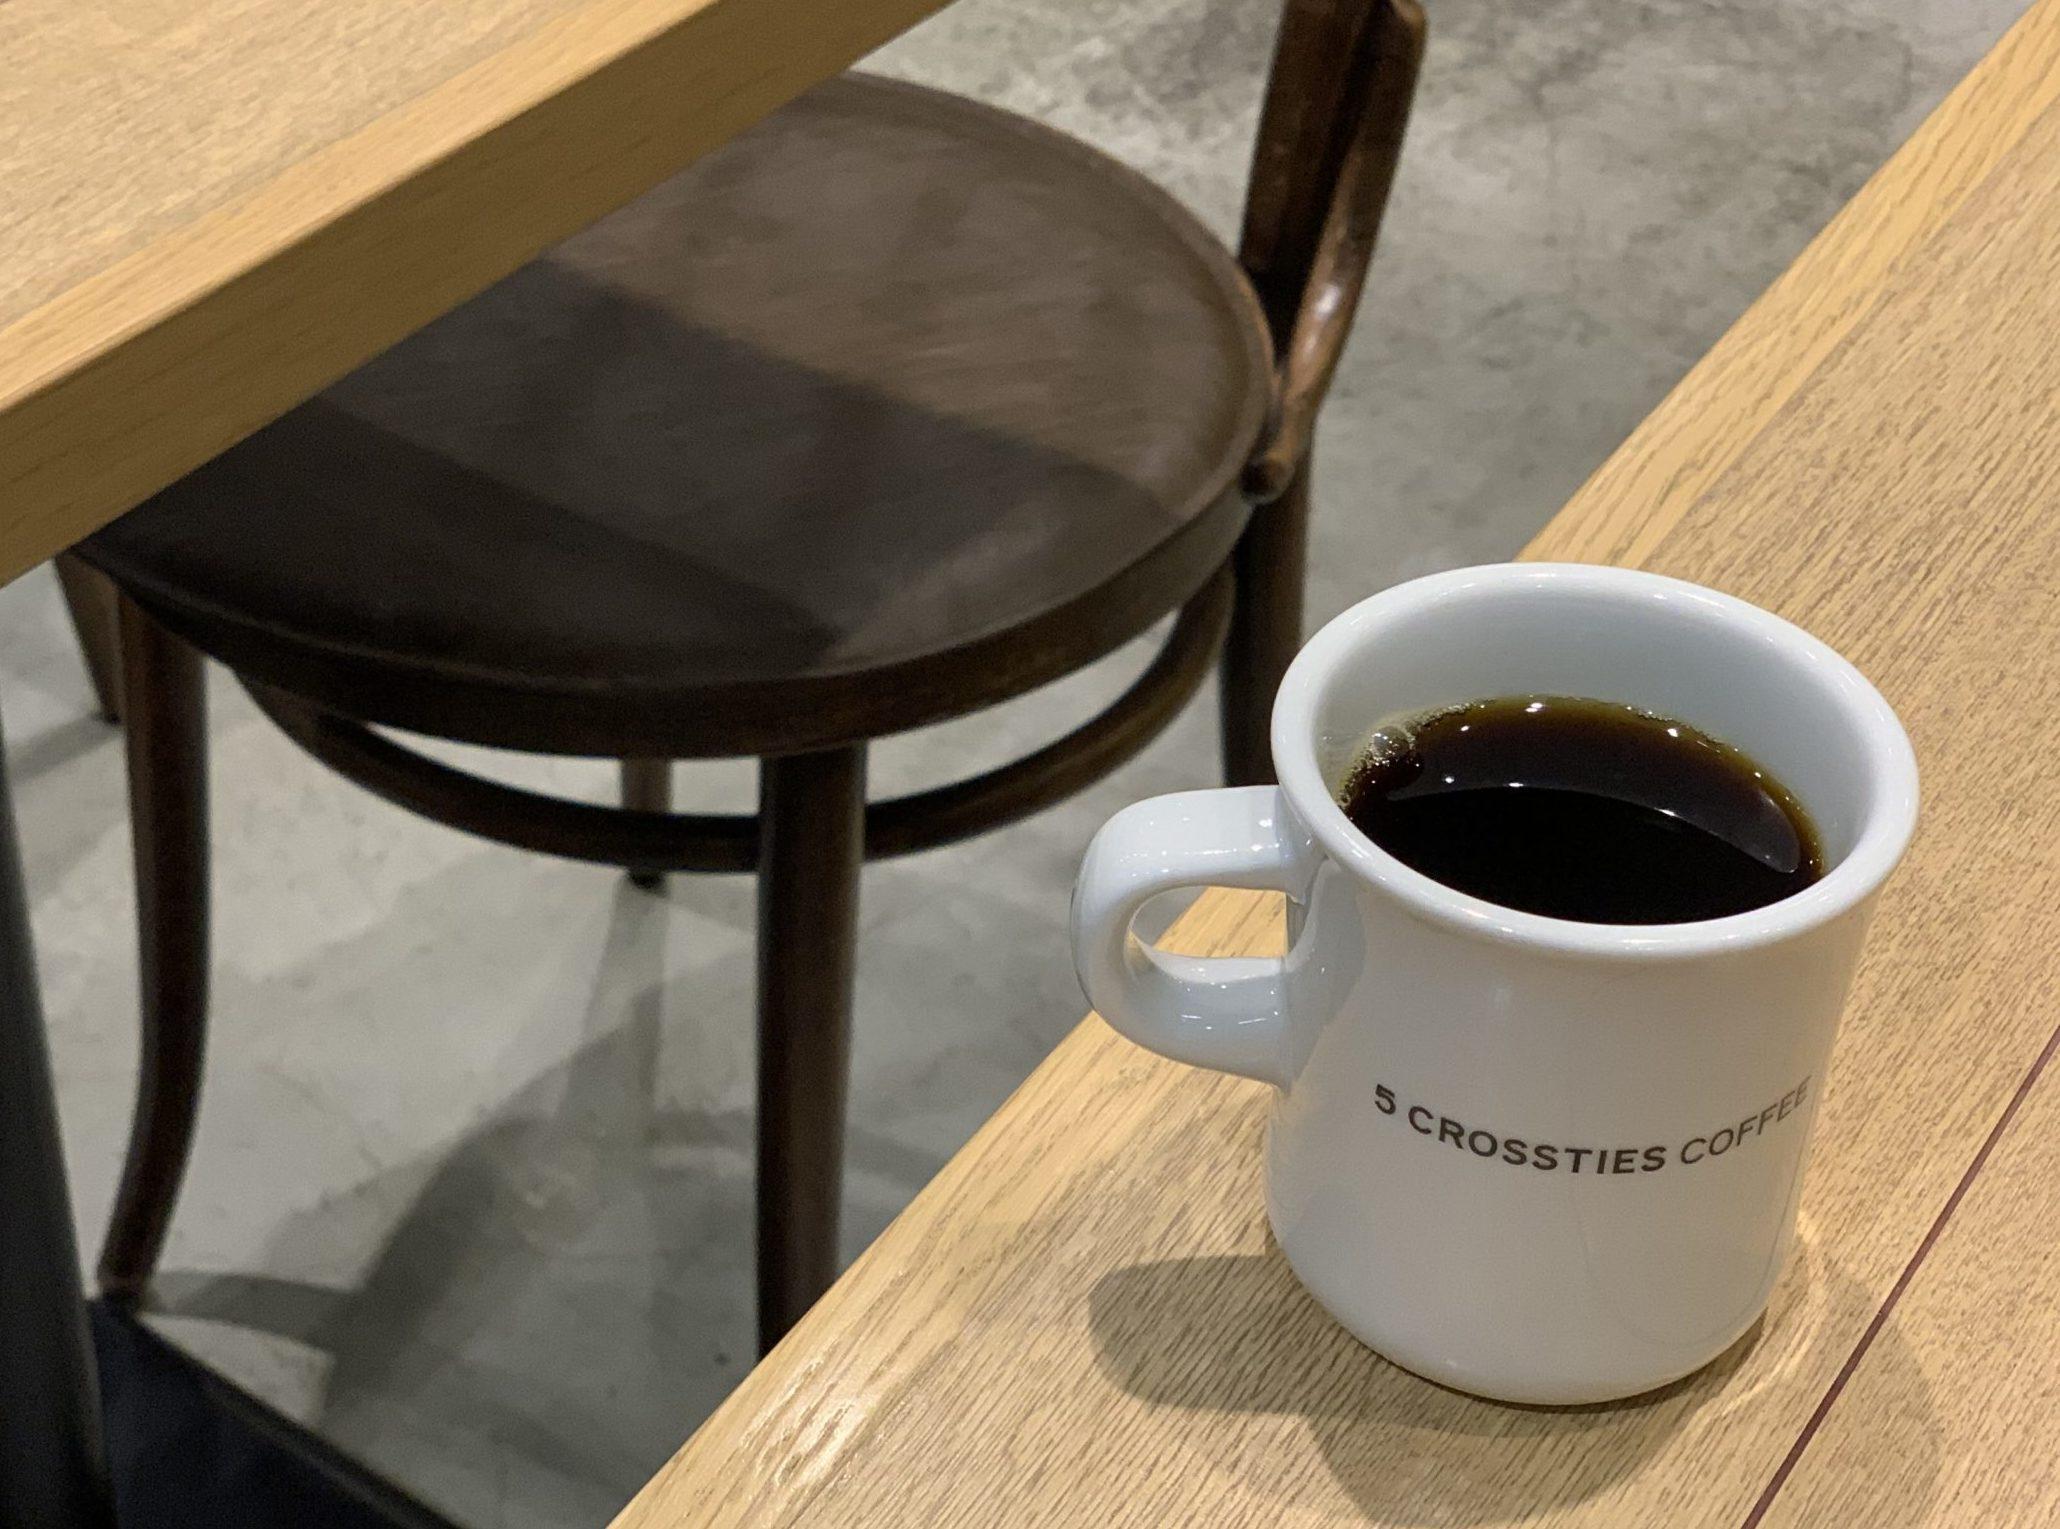 渋谷駅直結 電源カフェ 5 CROSSTIES COFFEE 渋谷スクランブルスクエア Wi-Fi